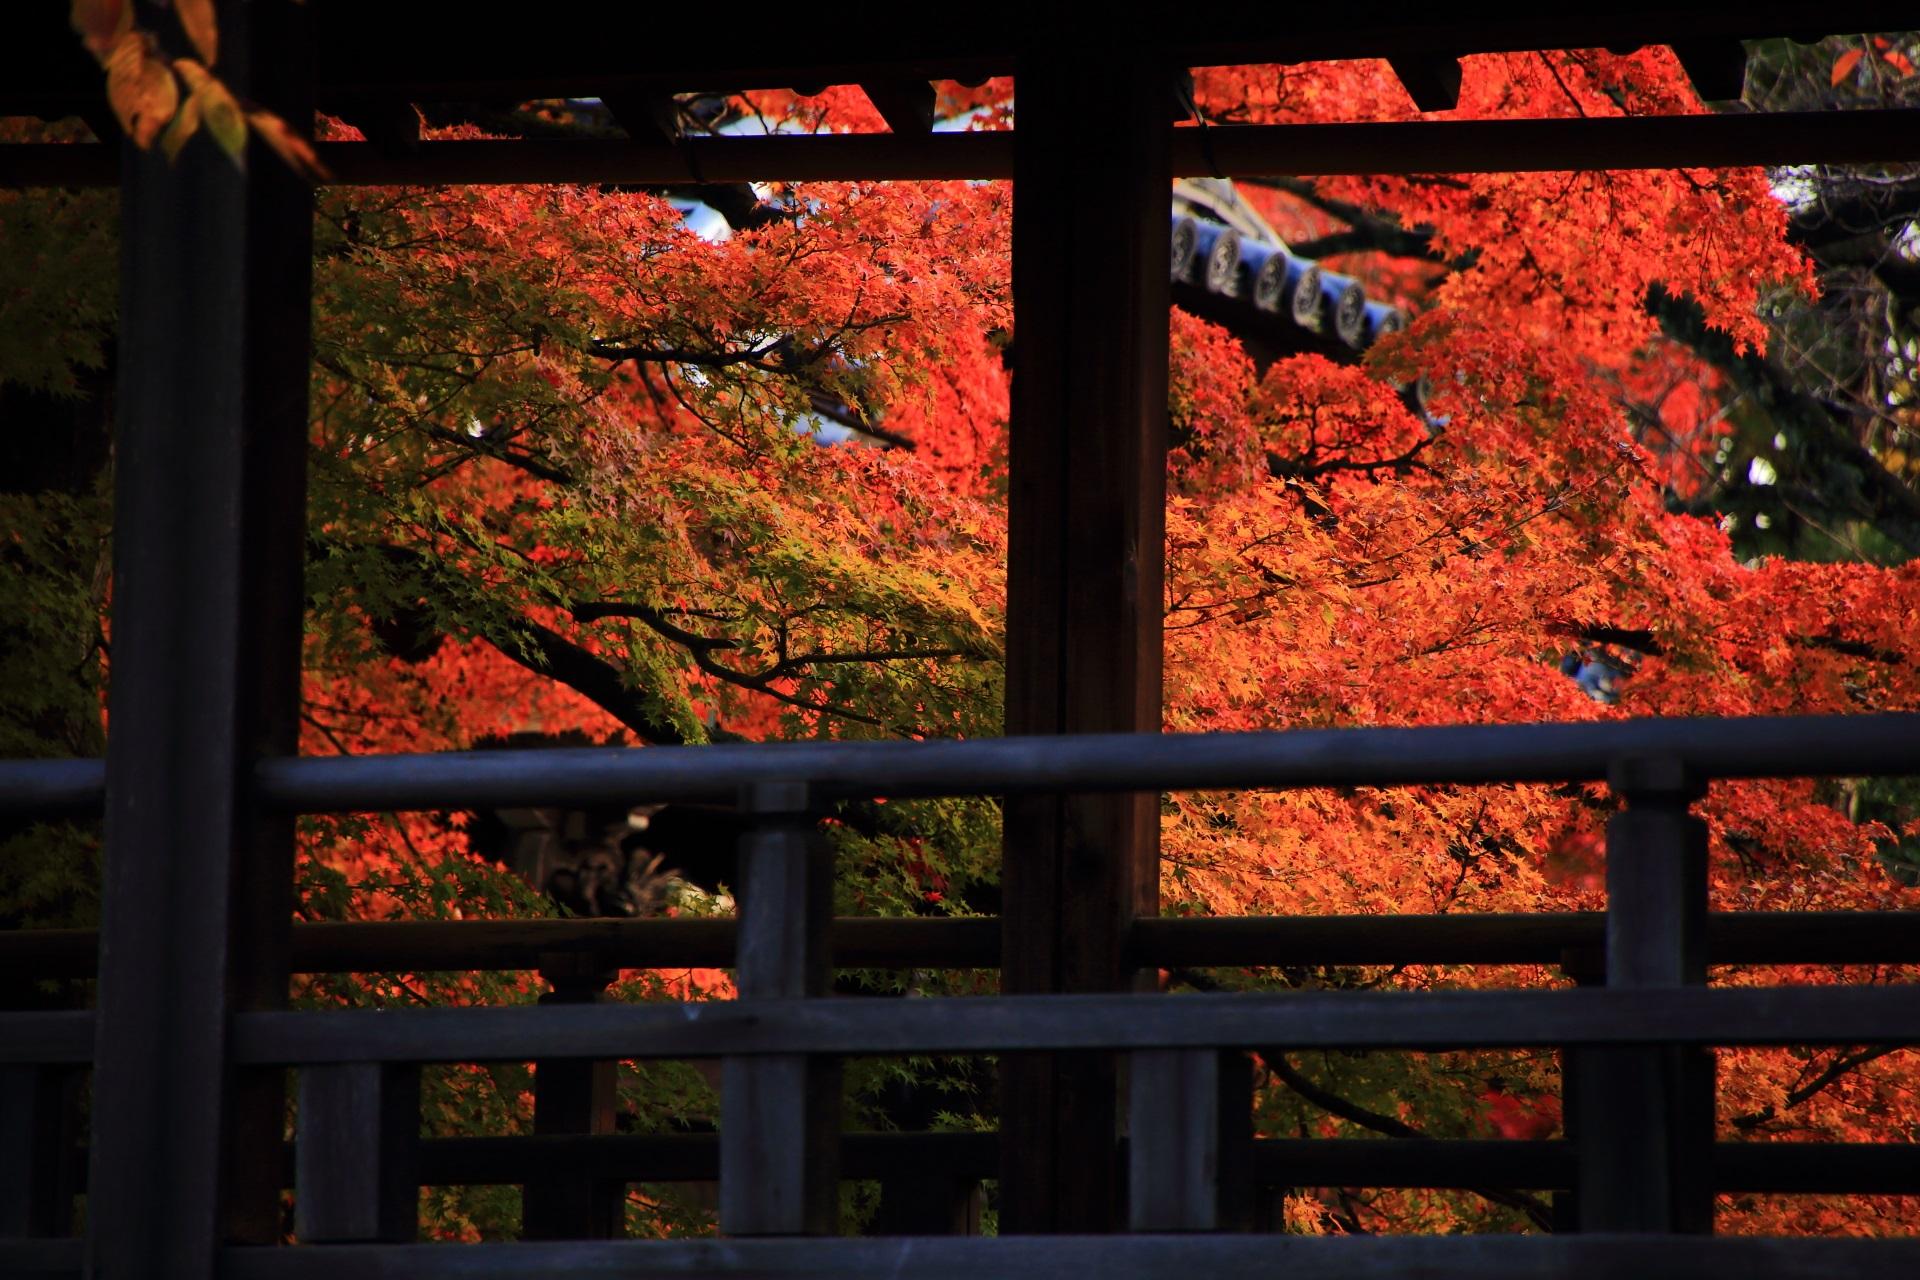 妙顕寺の本堂裏の回廊と煌く鮮やかな紅葉